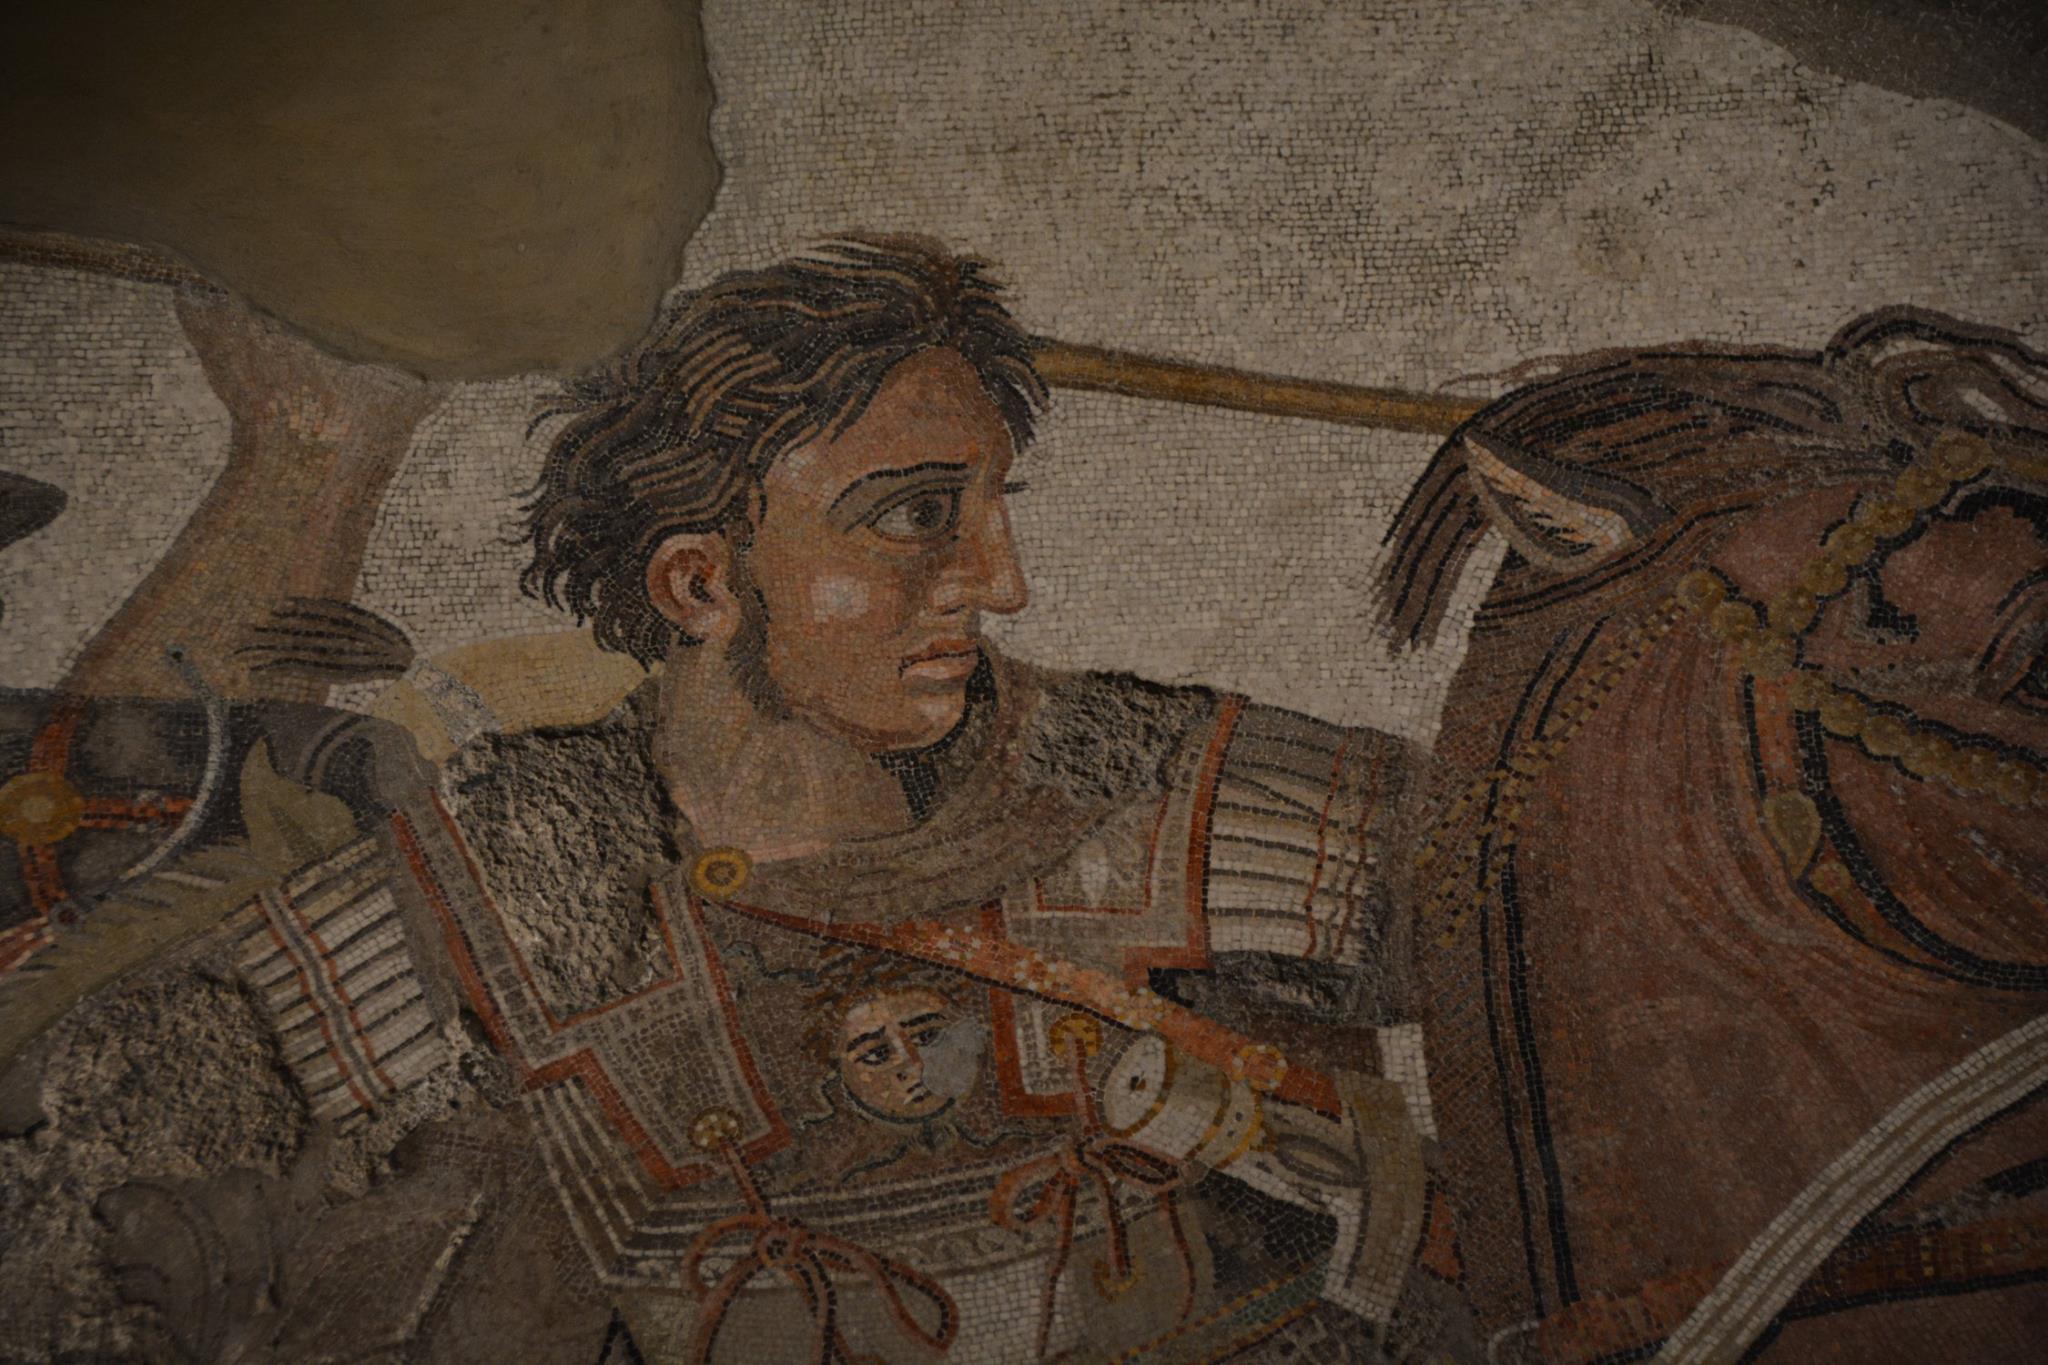 פסיפס אלכסנדר הגדול